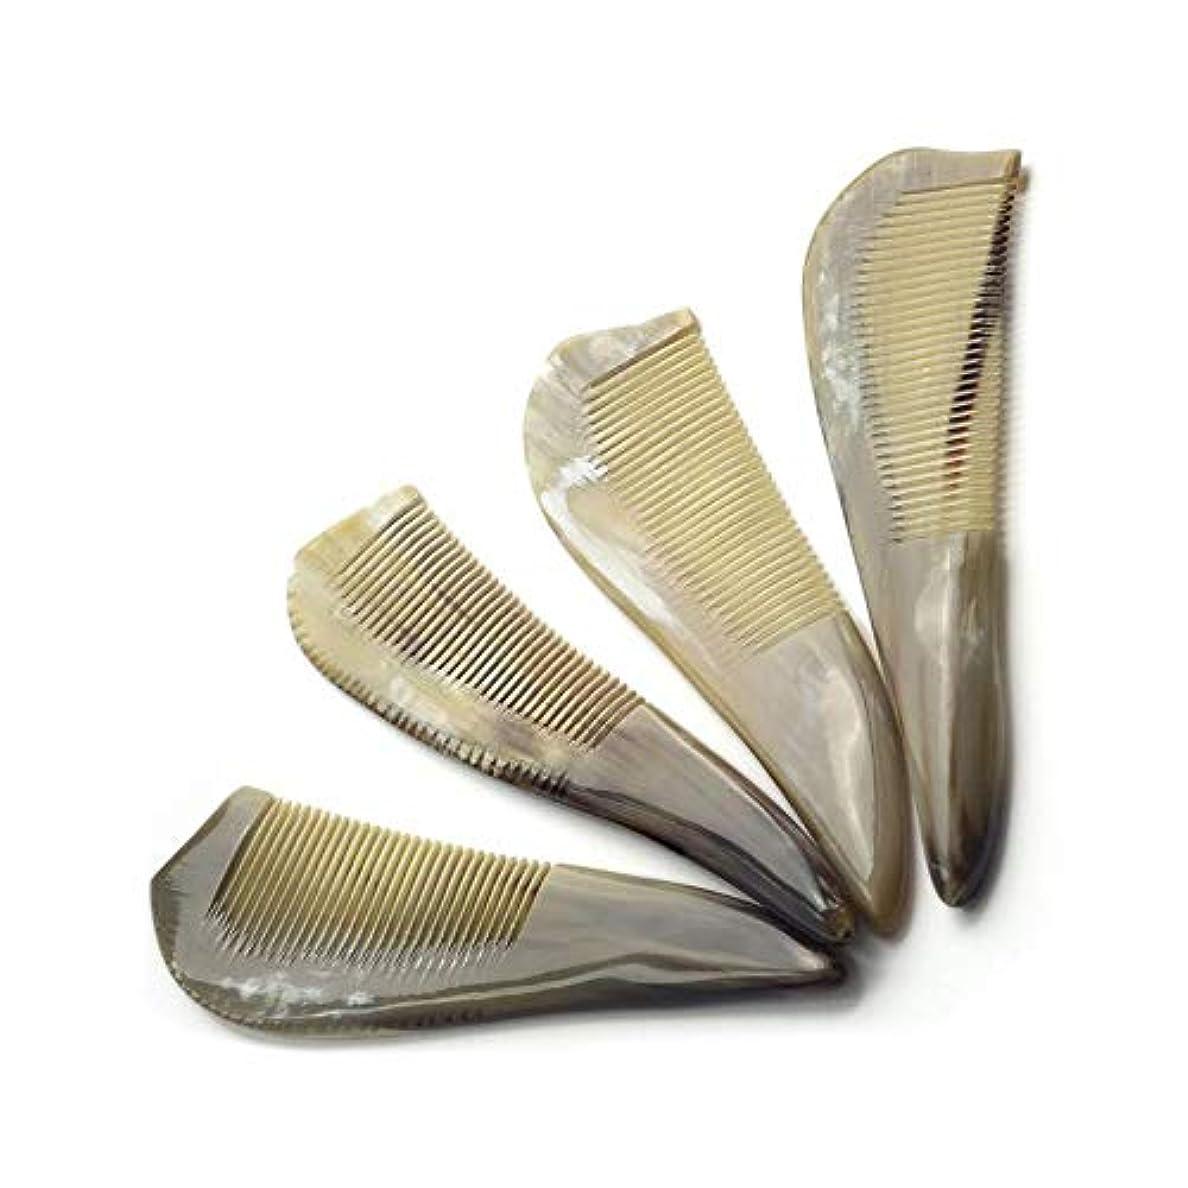 消費する多様性発生するFashianホーン櫛静電気防止木製Haircomb、頭皮マッサージコームを刺激するためのファイン歯 ヘアケア